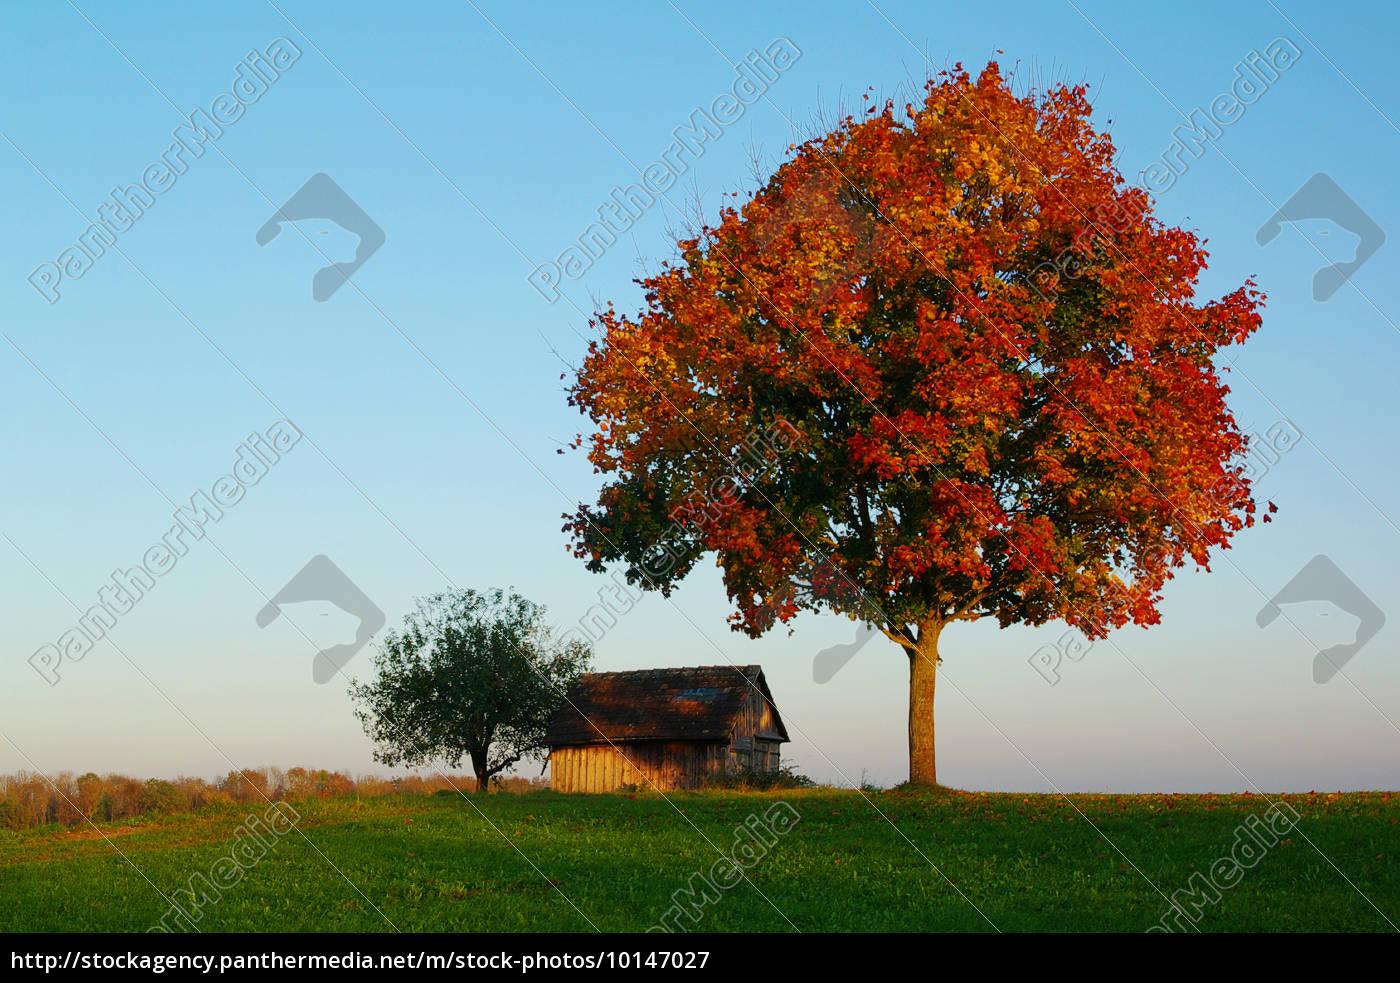 Rbol de arce en el paisaje de oto o foto de archivo - Arce arbol variedades ...